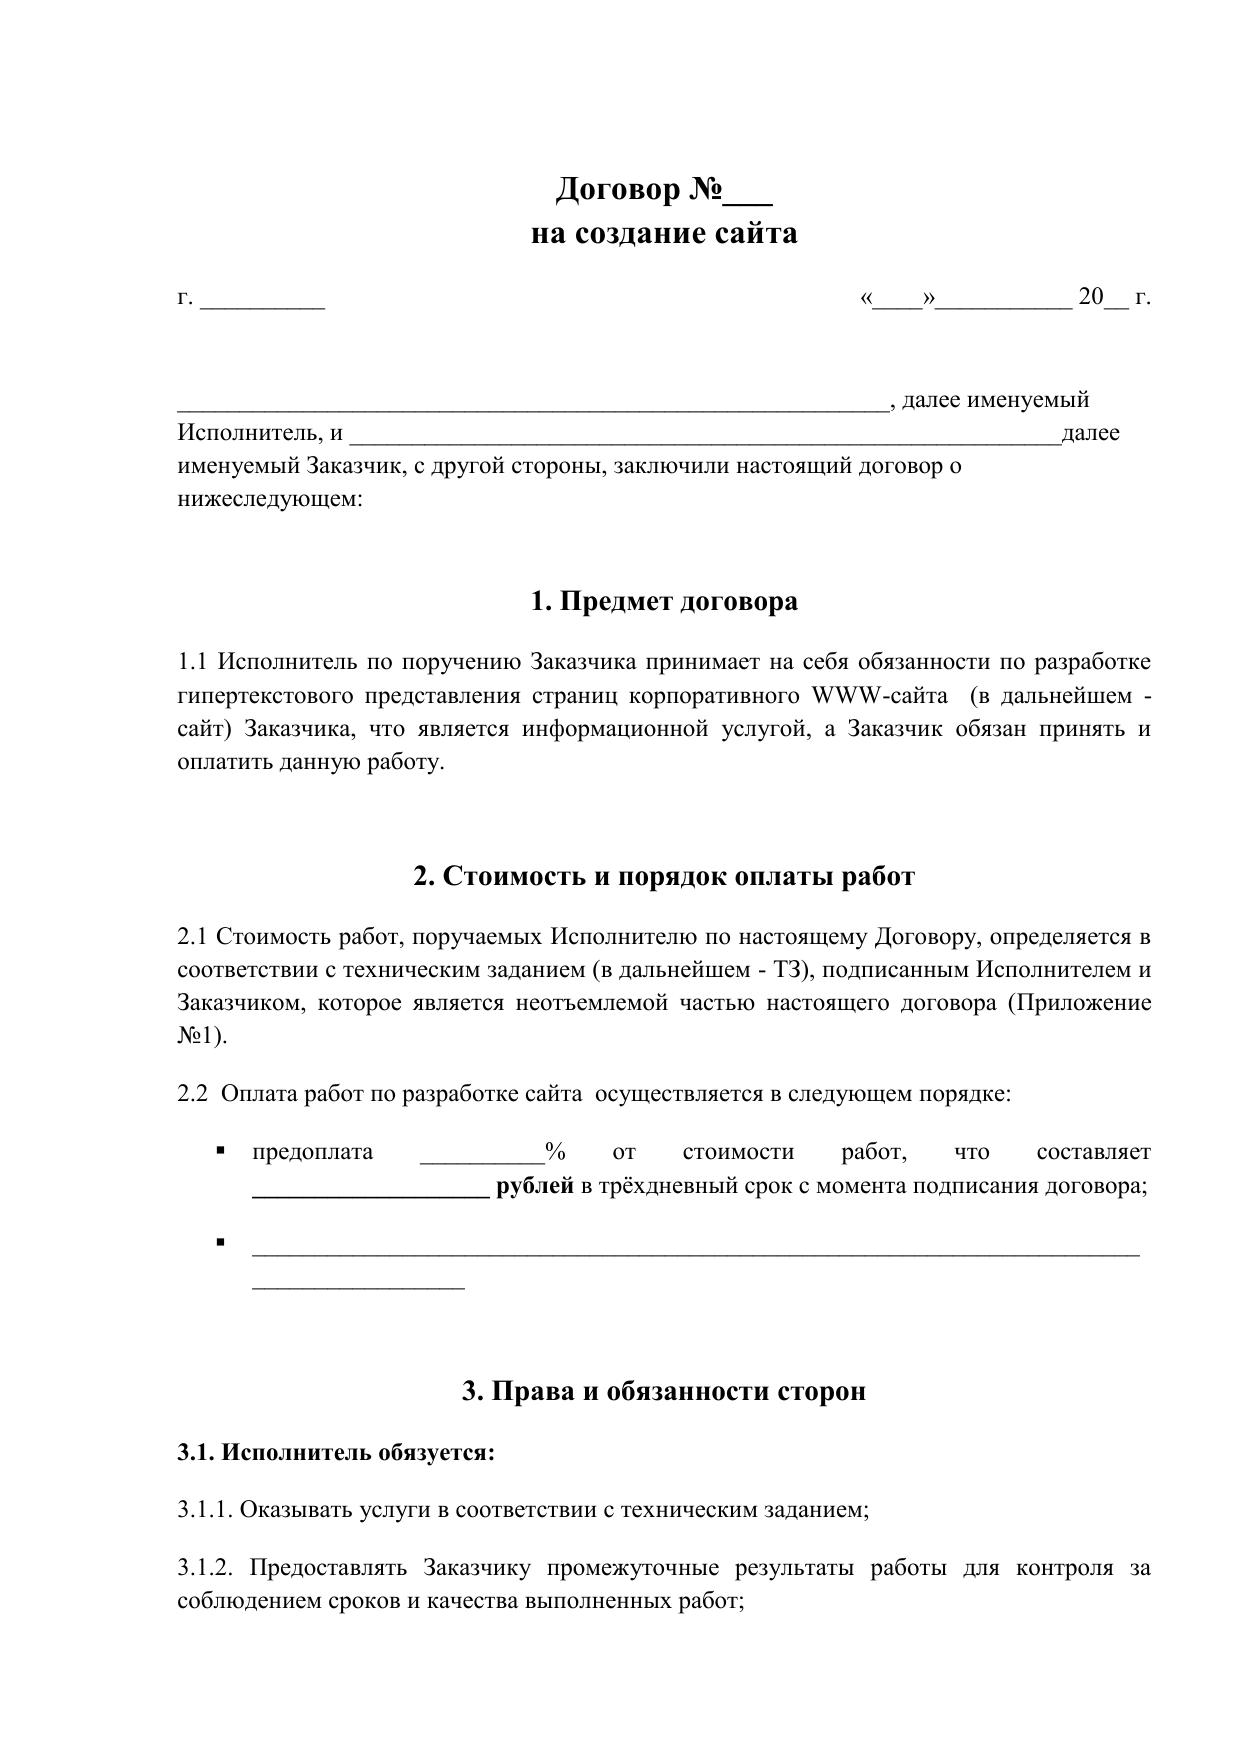 Примеры договора на создание сайта создание сайта блоки